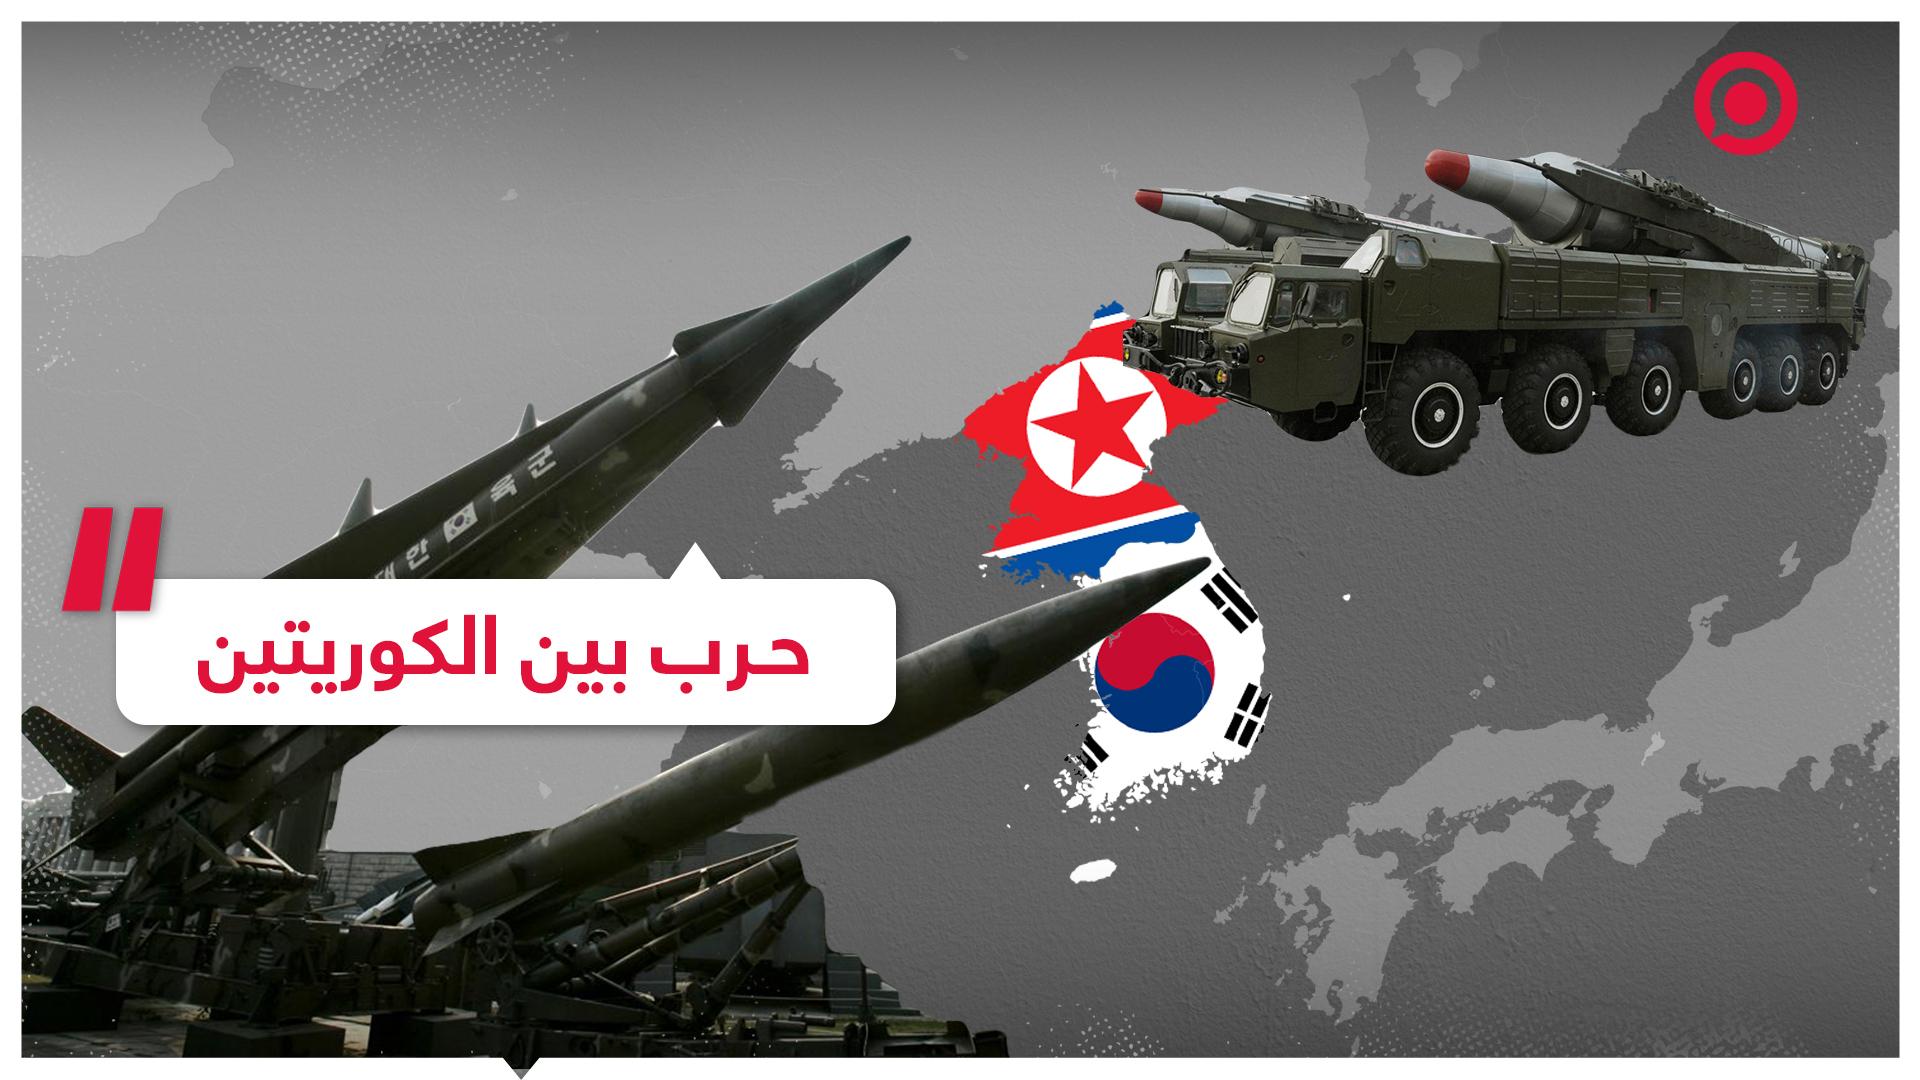 حرب وسباق تسلح بين الكوريتين